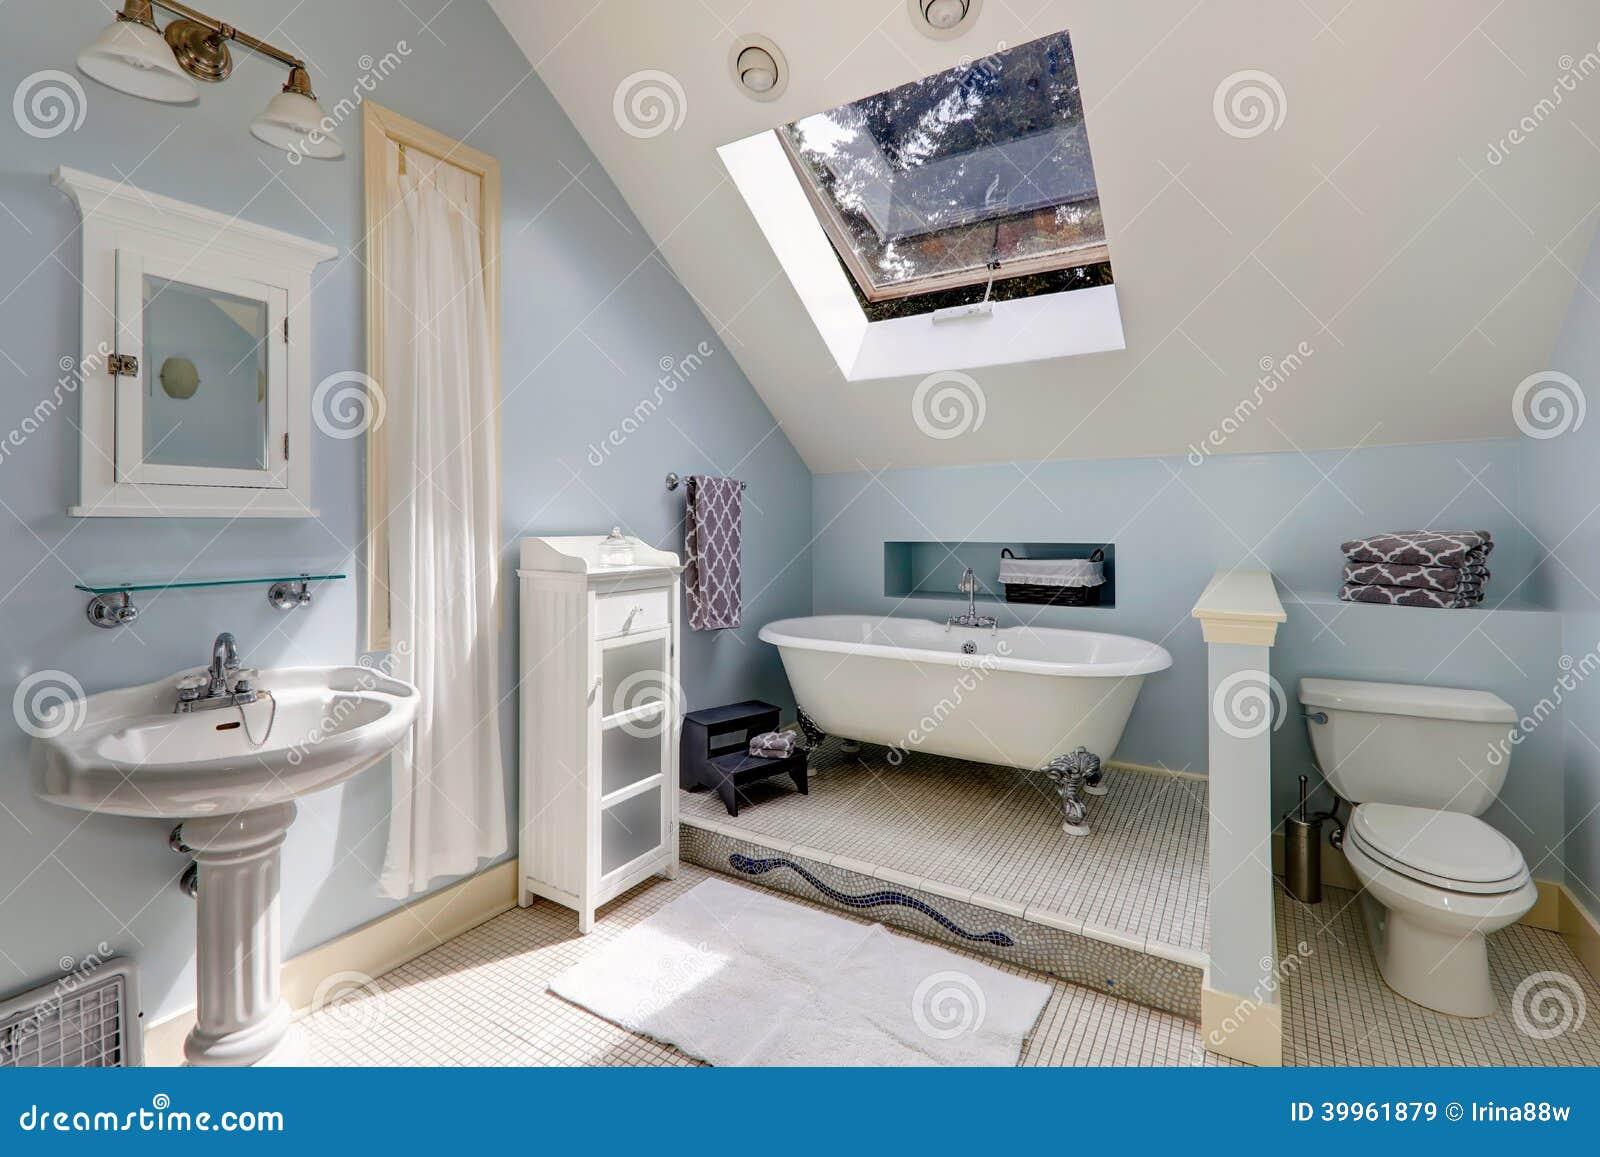 Vasca Da Bagno Vista : Bagno di velux con la vasca da bagno antica immagine stock